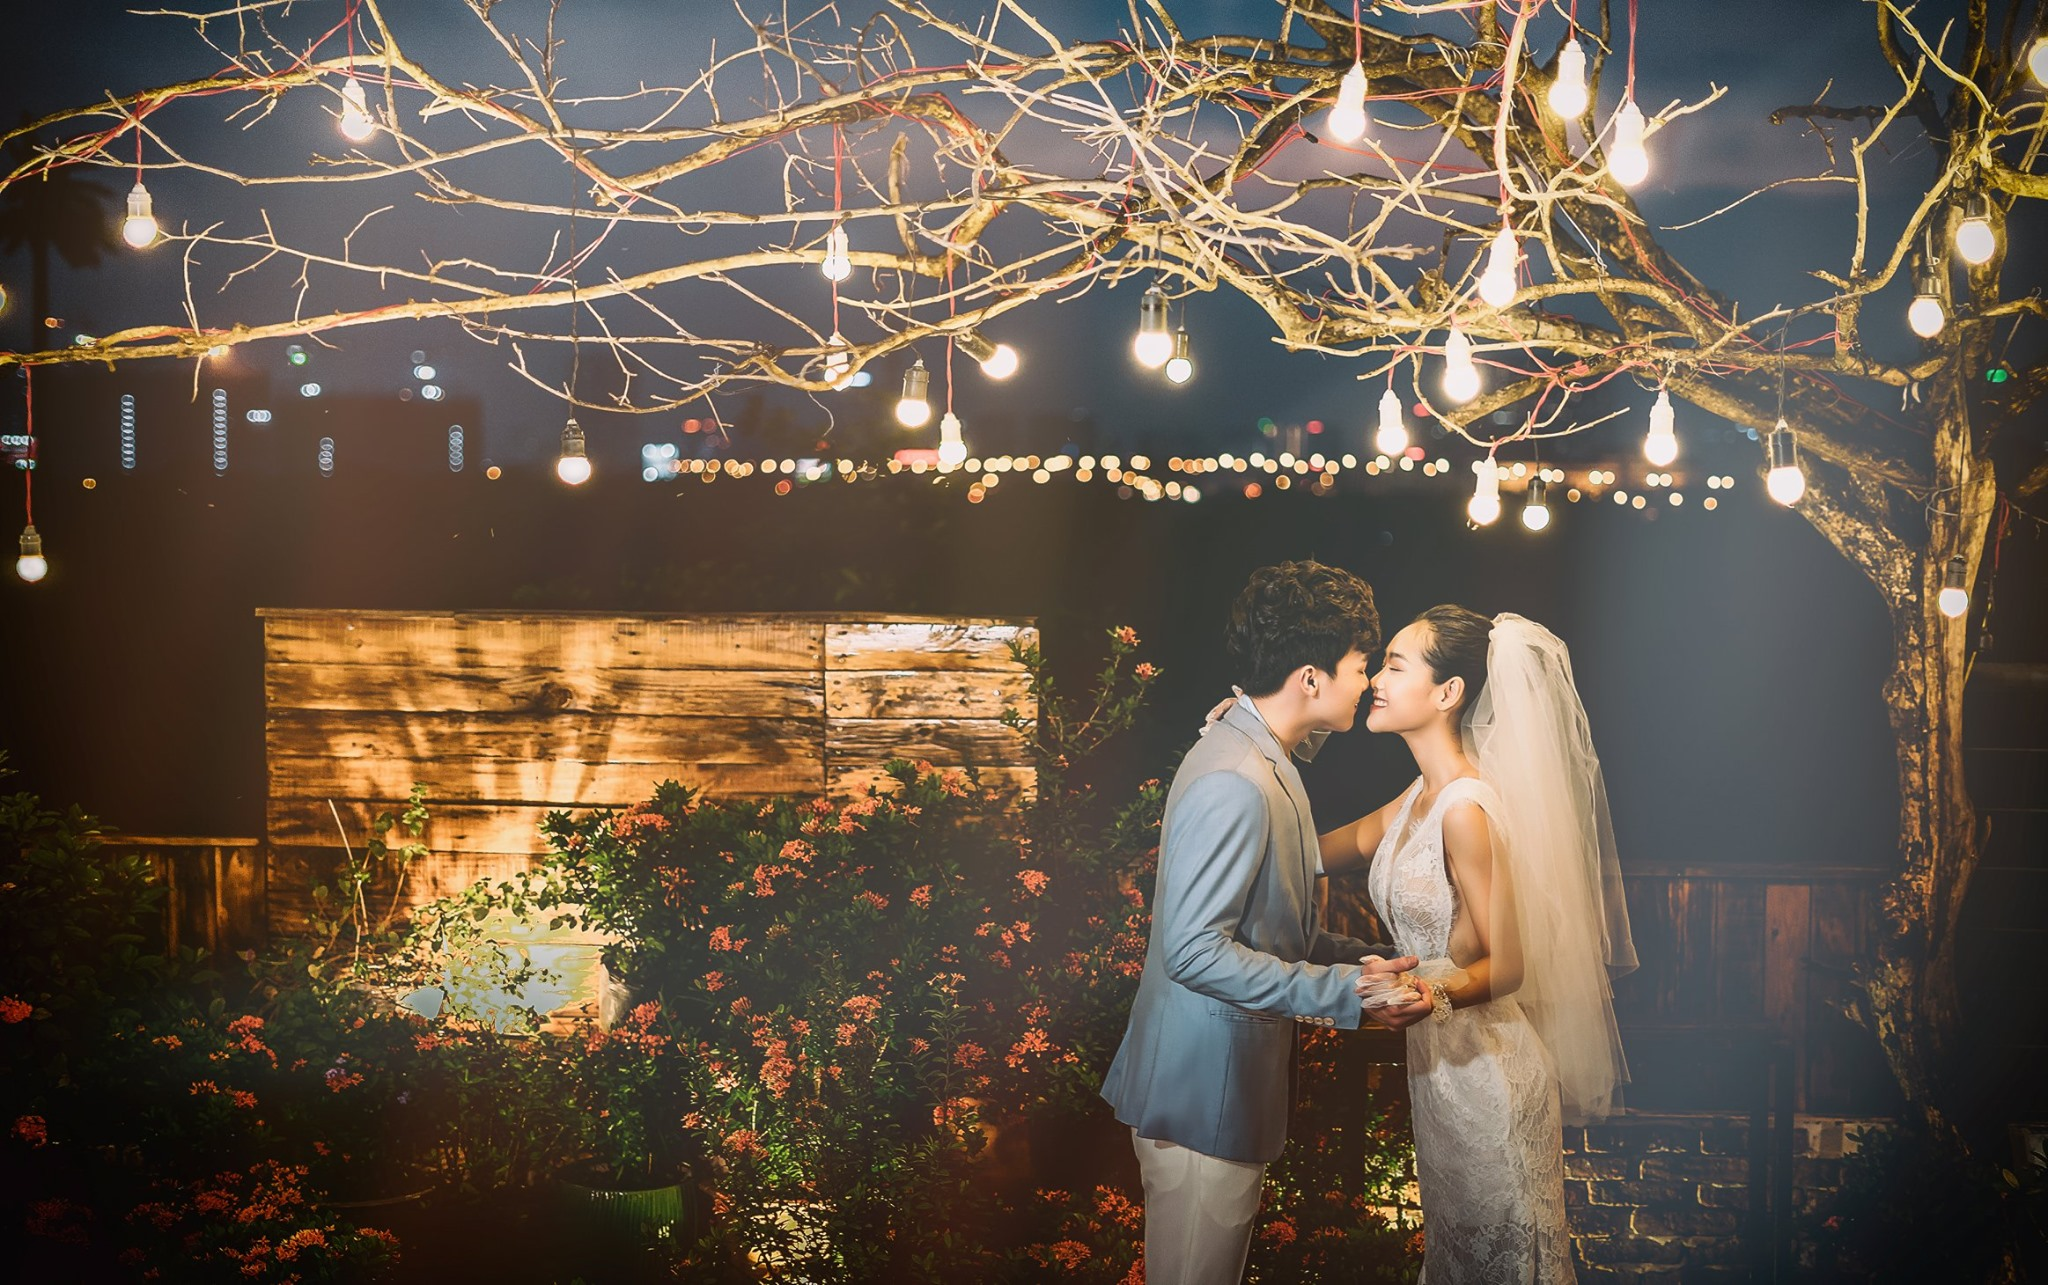 Album ảnh cưới đẹp Hàn Quốc tại phim trường Santorini Hà Nội 25